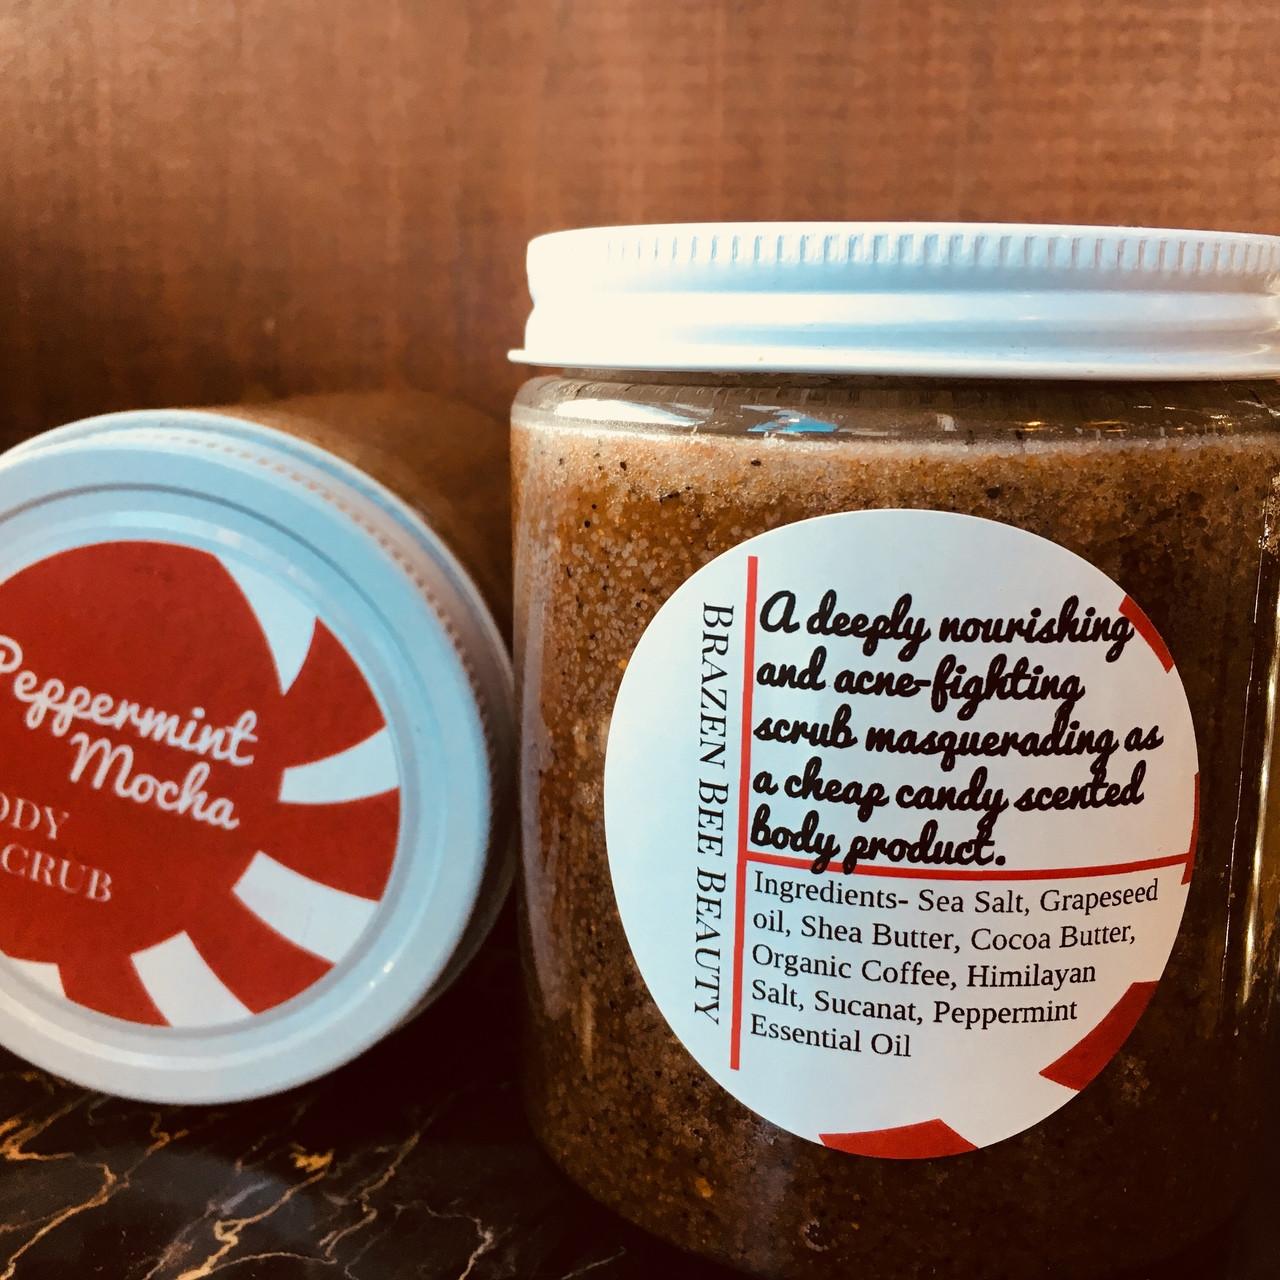 Peppermint Mocha | BODY SCRUB